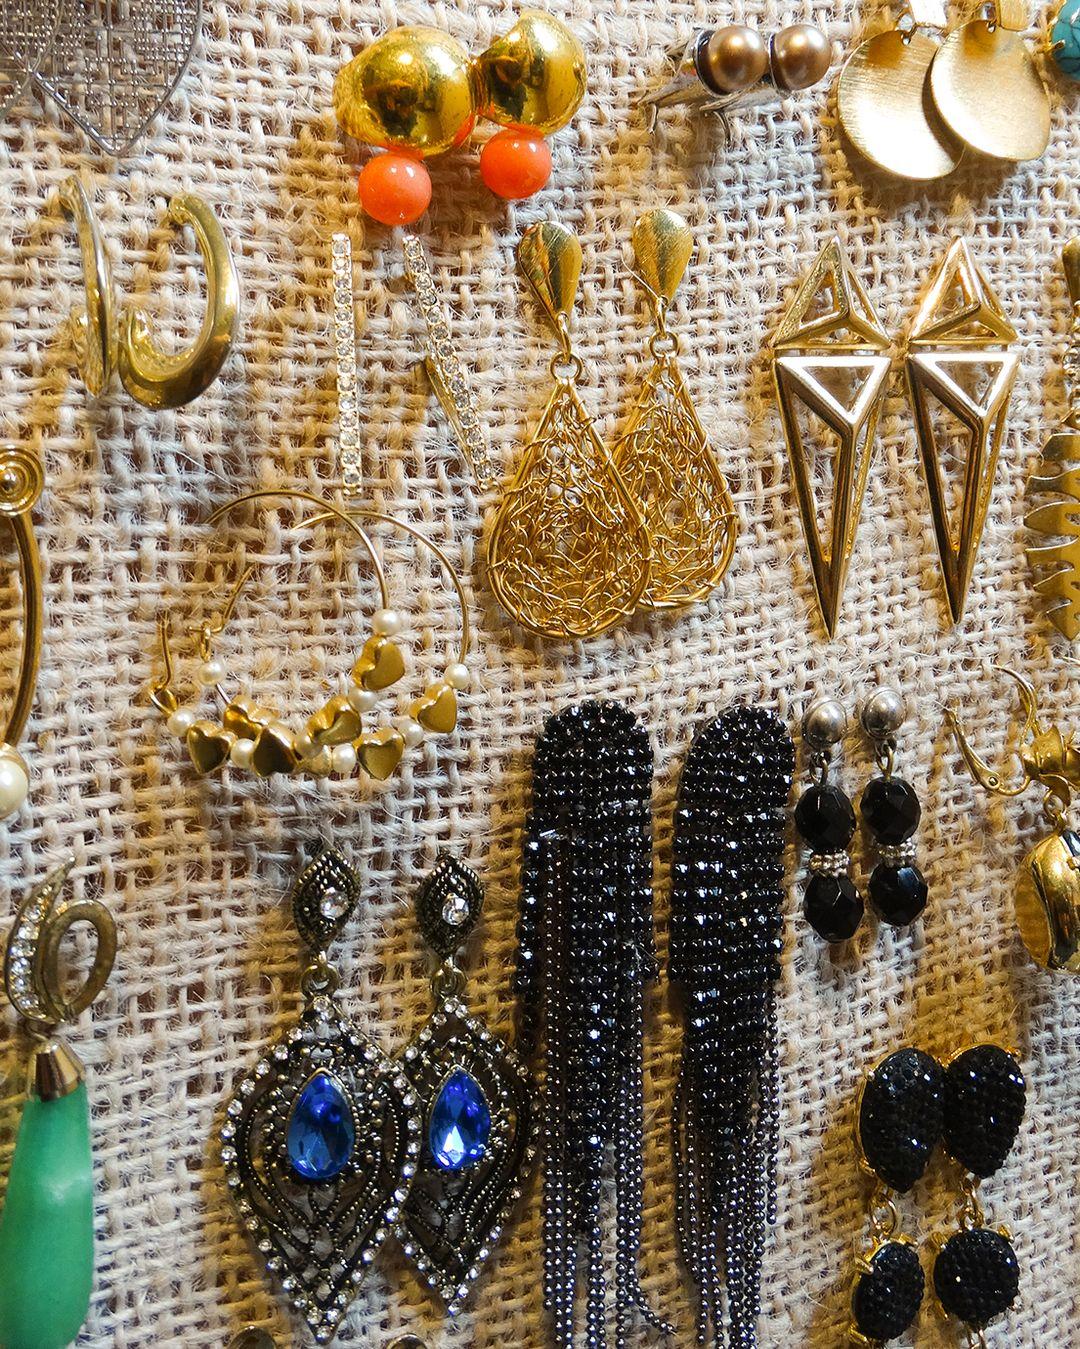 Organizador de brincos, um excelente presente. Várias cores disponíveis. Pronta-entrega, veja na loja:    http://bit.ly/1RAJbpT    #organizabox #brincos #vaidosa #presenteperfeito #bijuterias #mulheres #mulher